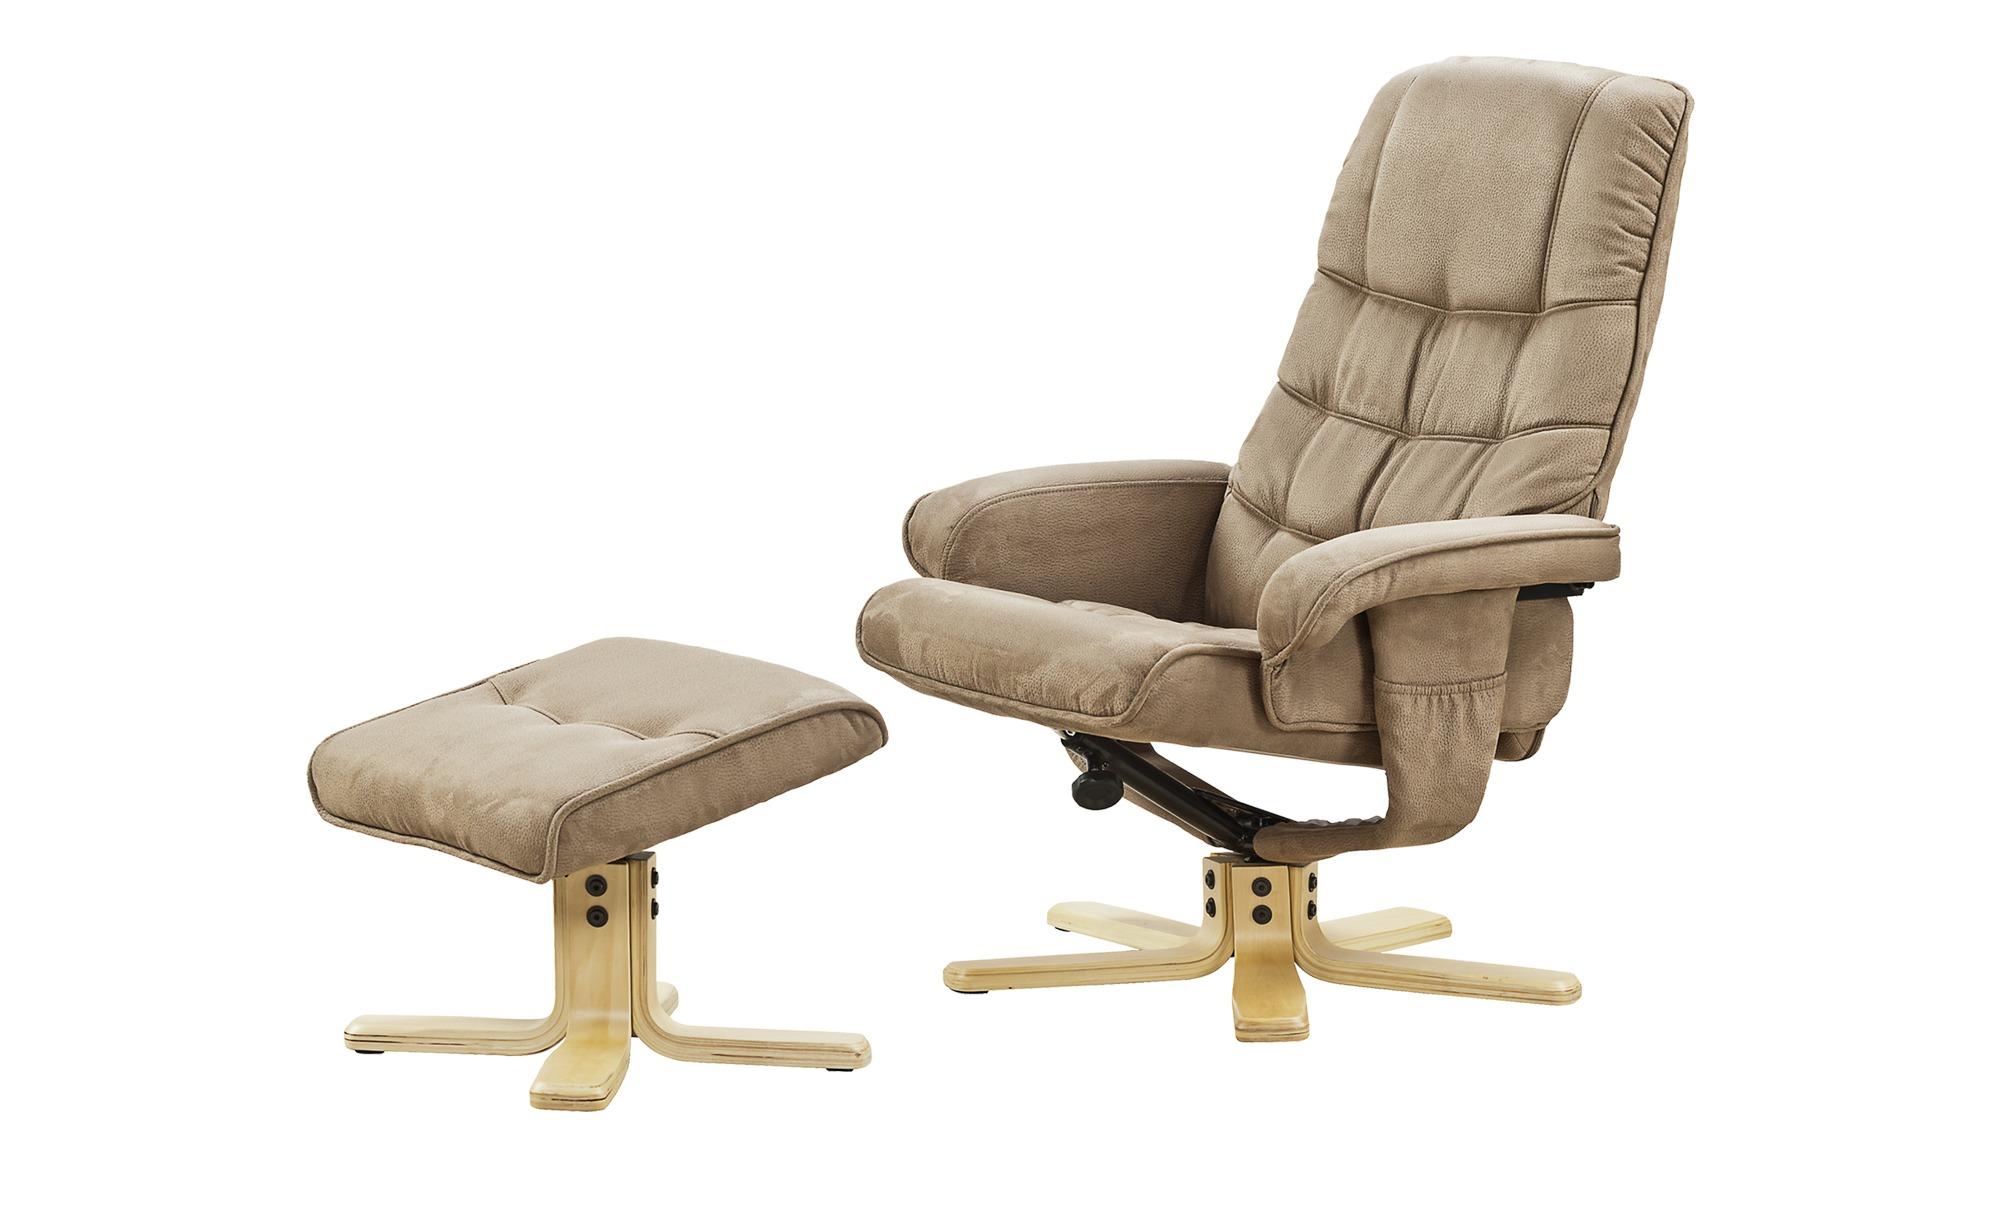 Relaxsessel  Susanne ¦ beige ¦ Maße (cm): B: 73 H: 74 T: 108 Polstermöbel > Sessel > Fernsehsessel - Höffner